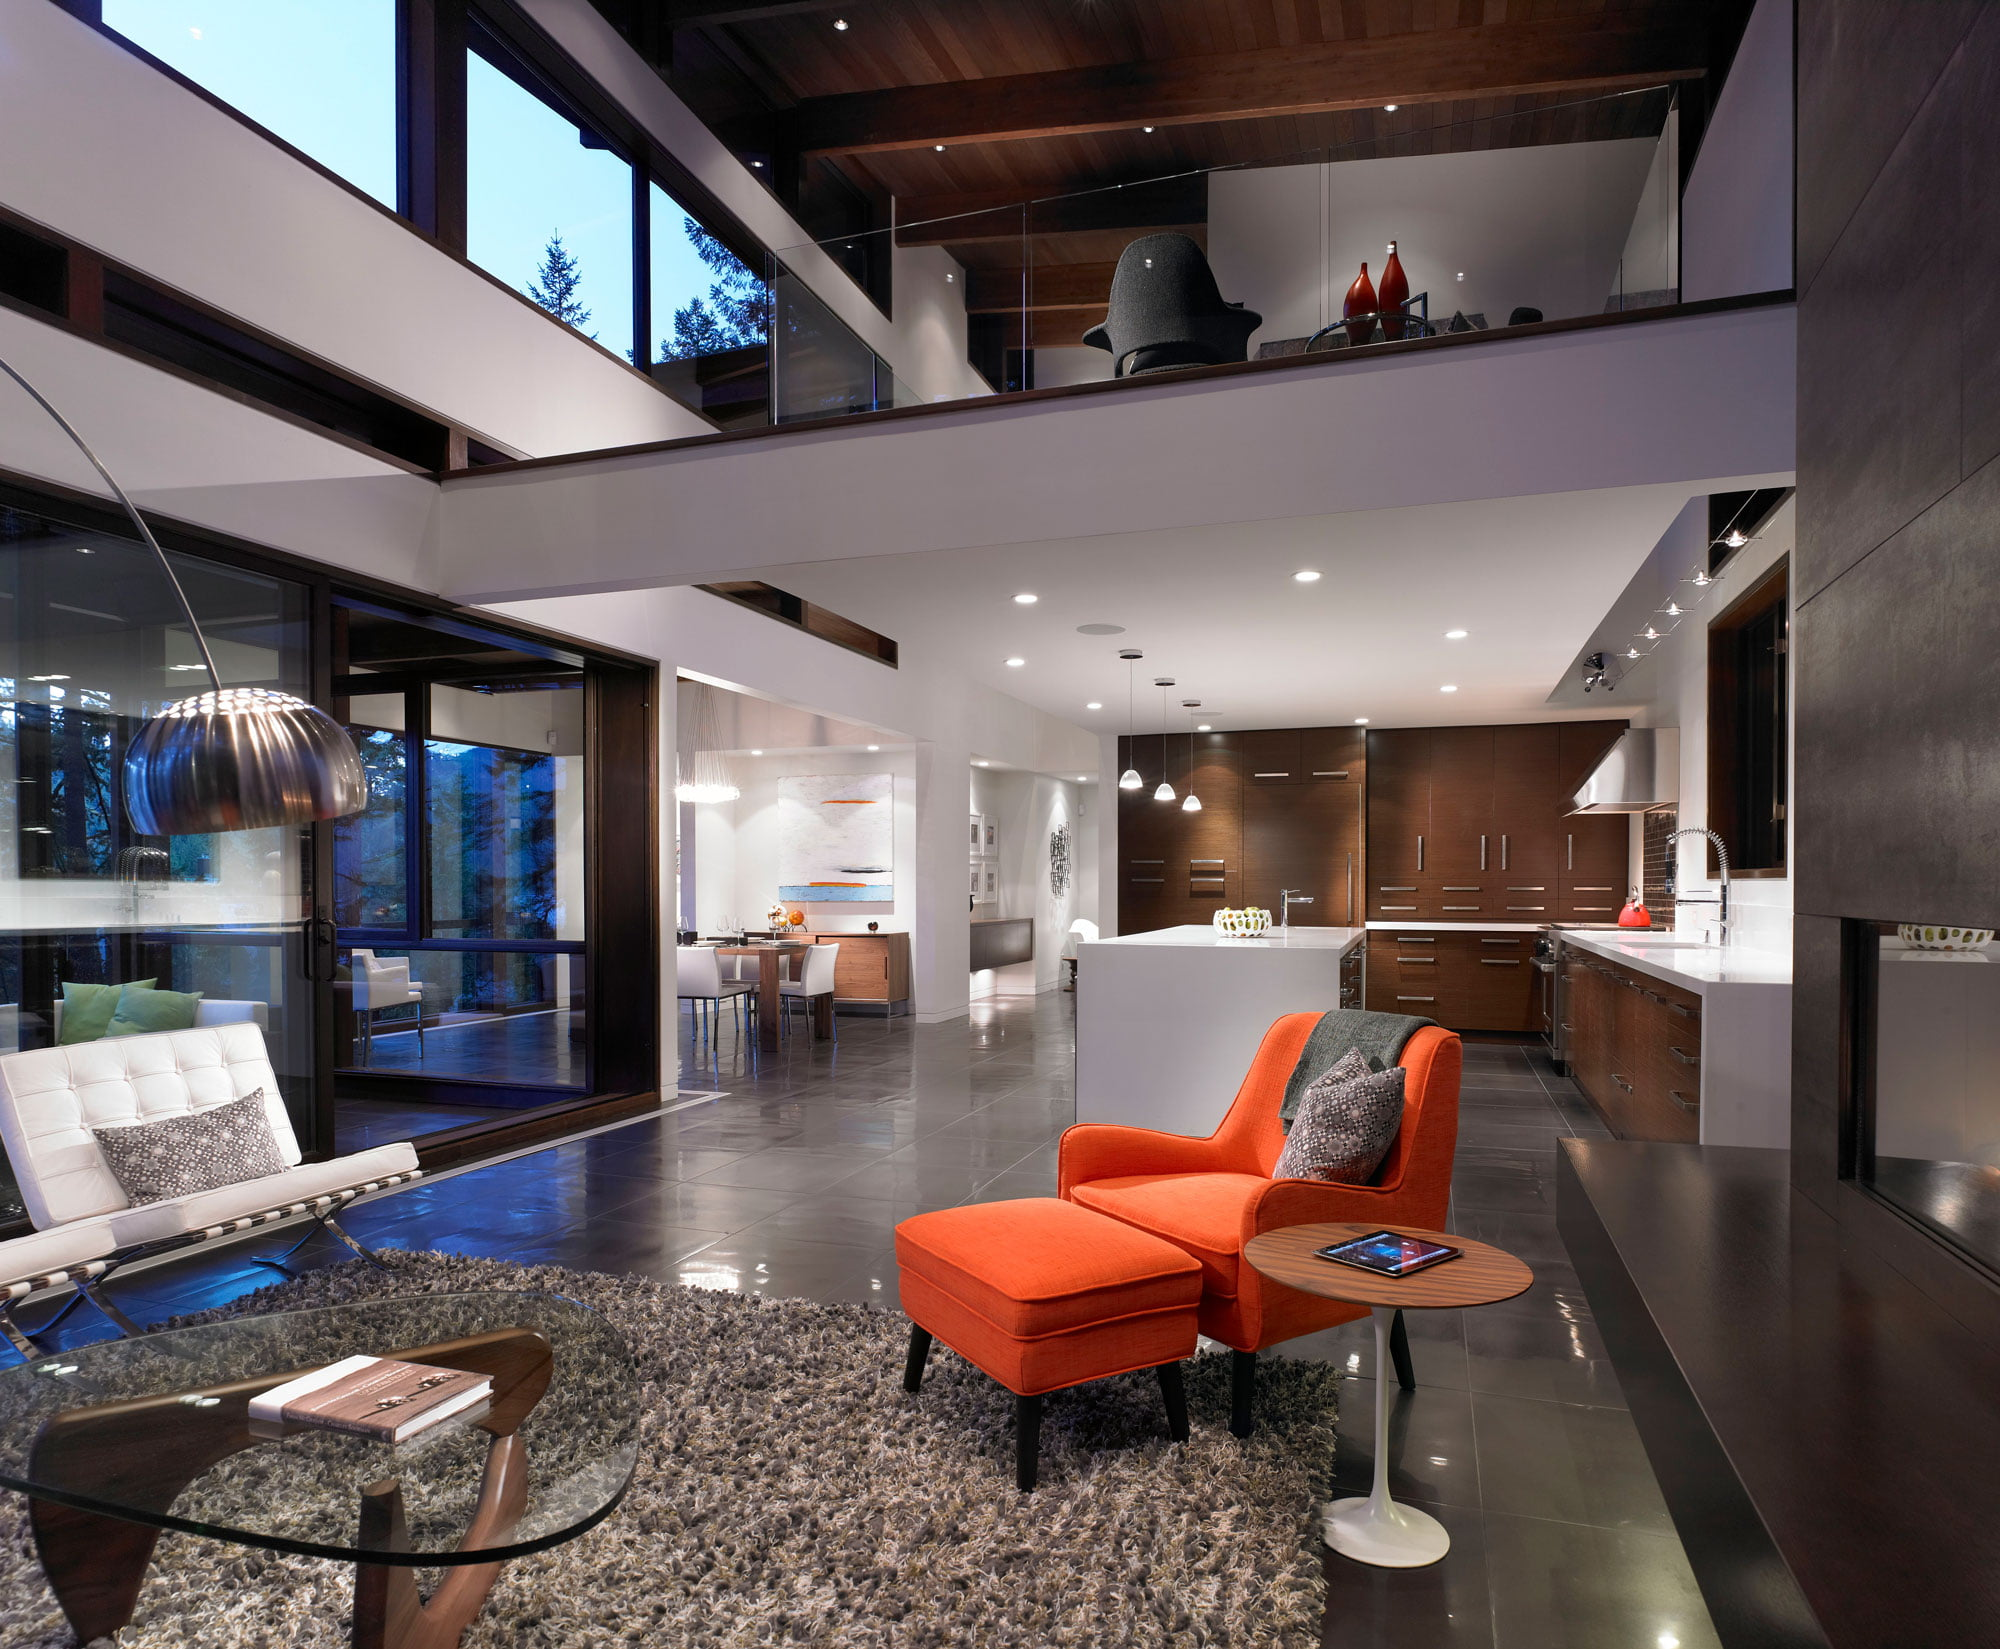 dining_kitchen_loft_lindal-modern-home-2000